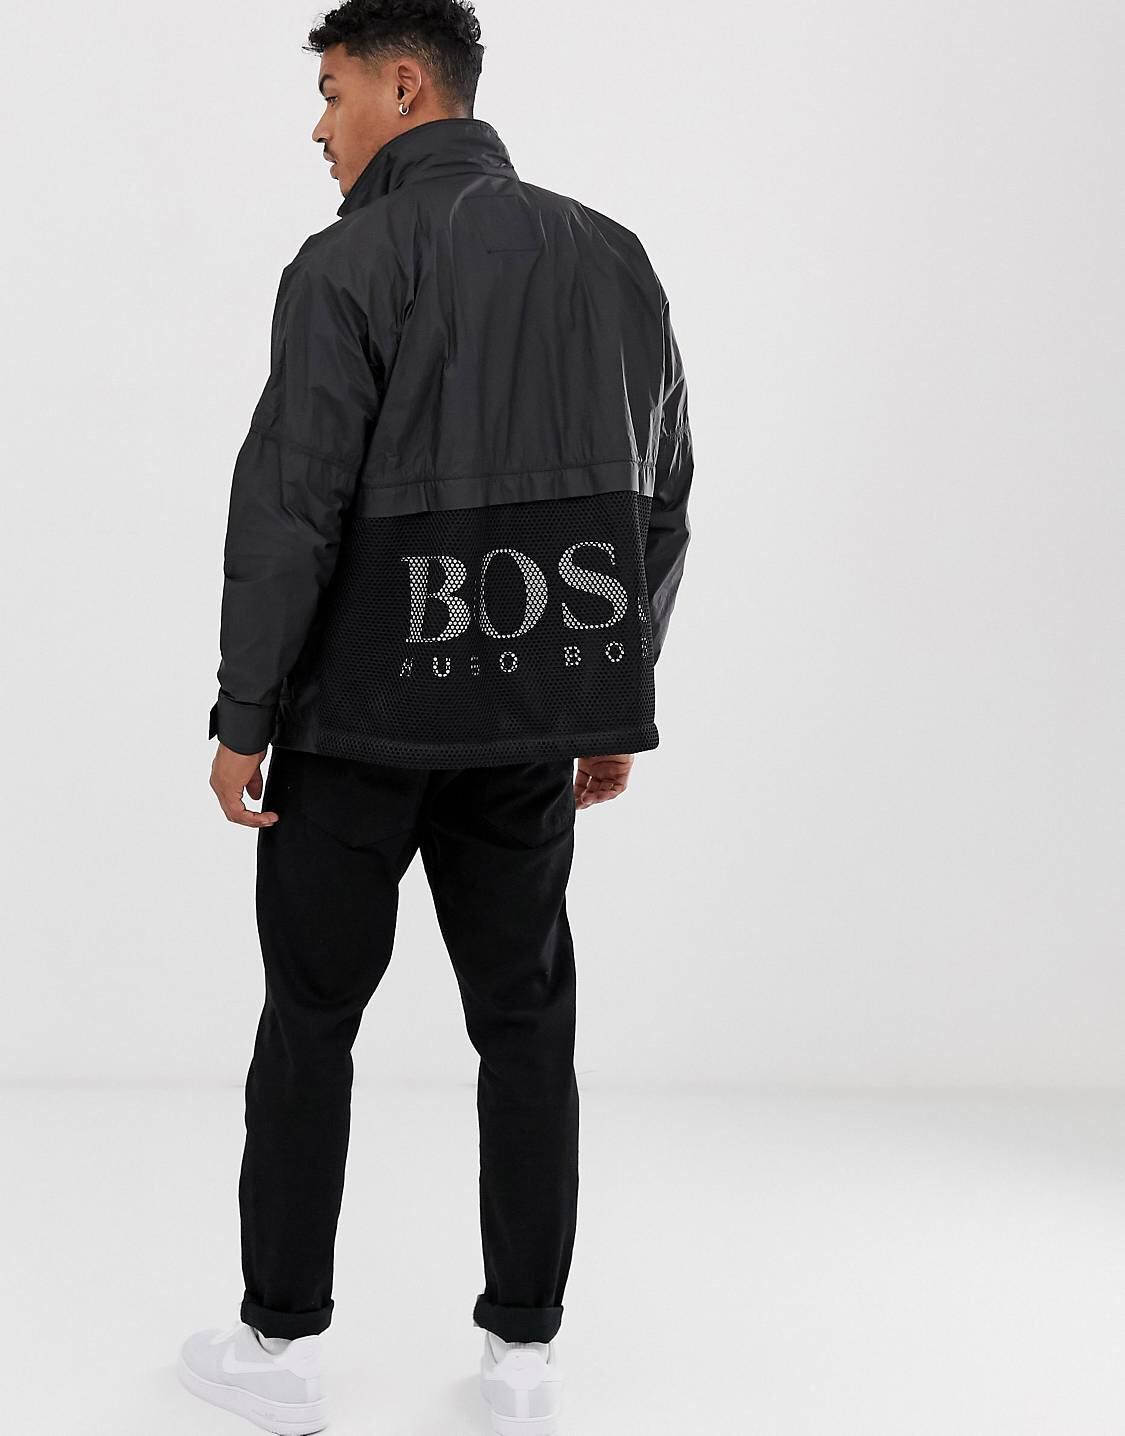 Chaqueta negra ligera de malla con logo en la parte trasera Obaav Tyvek de BOSS